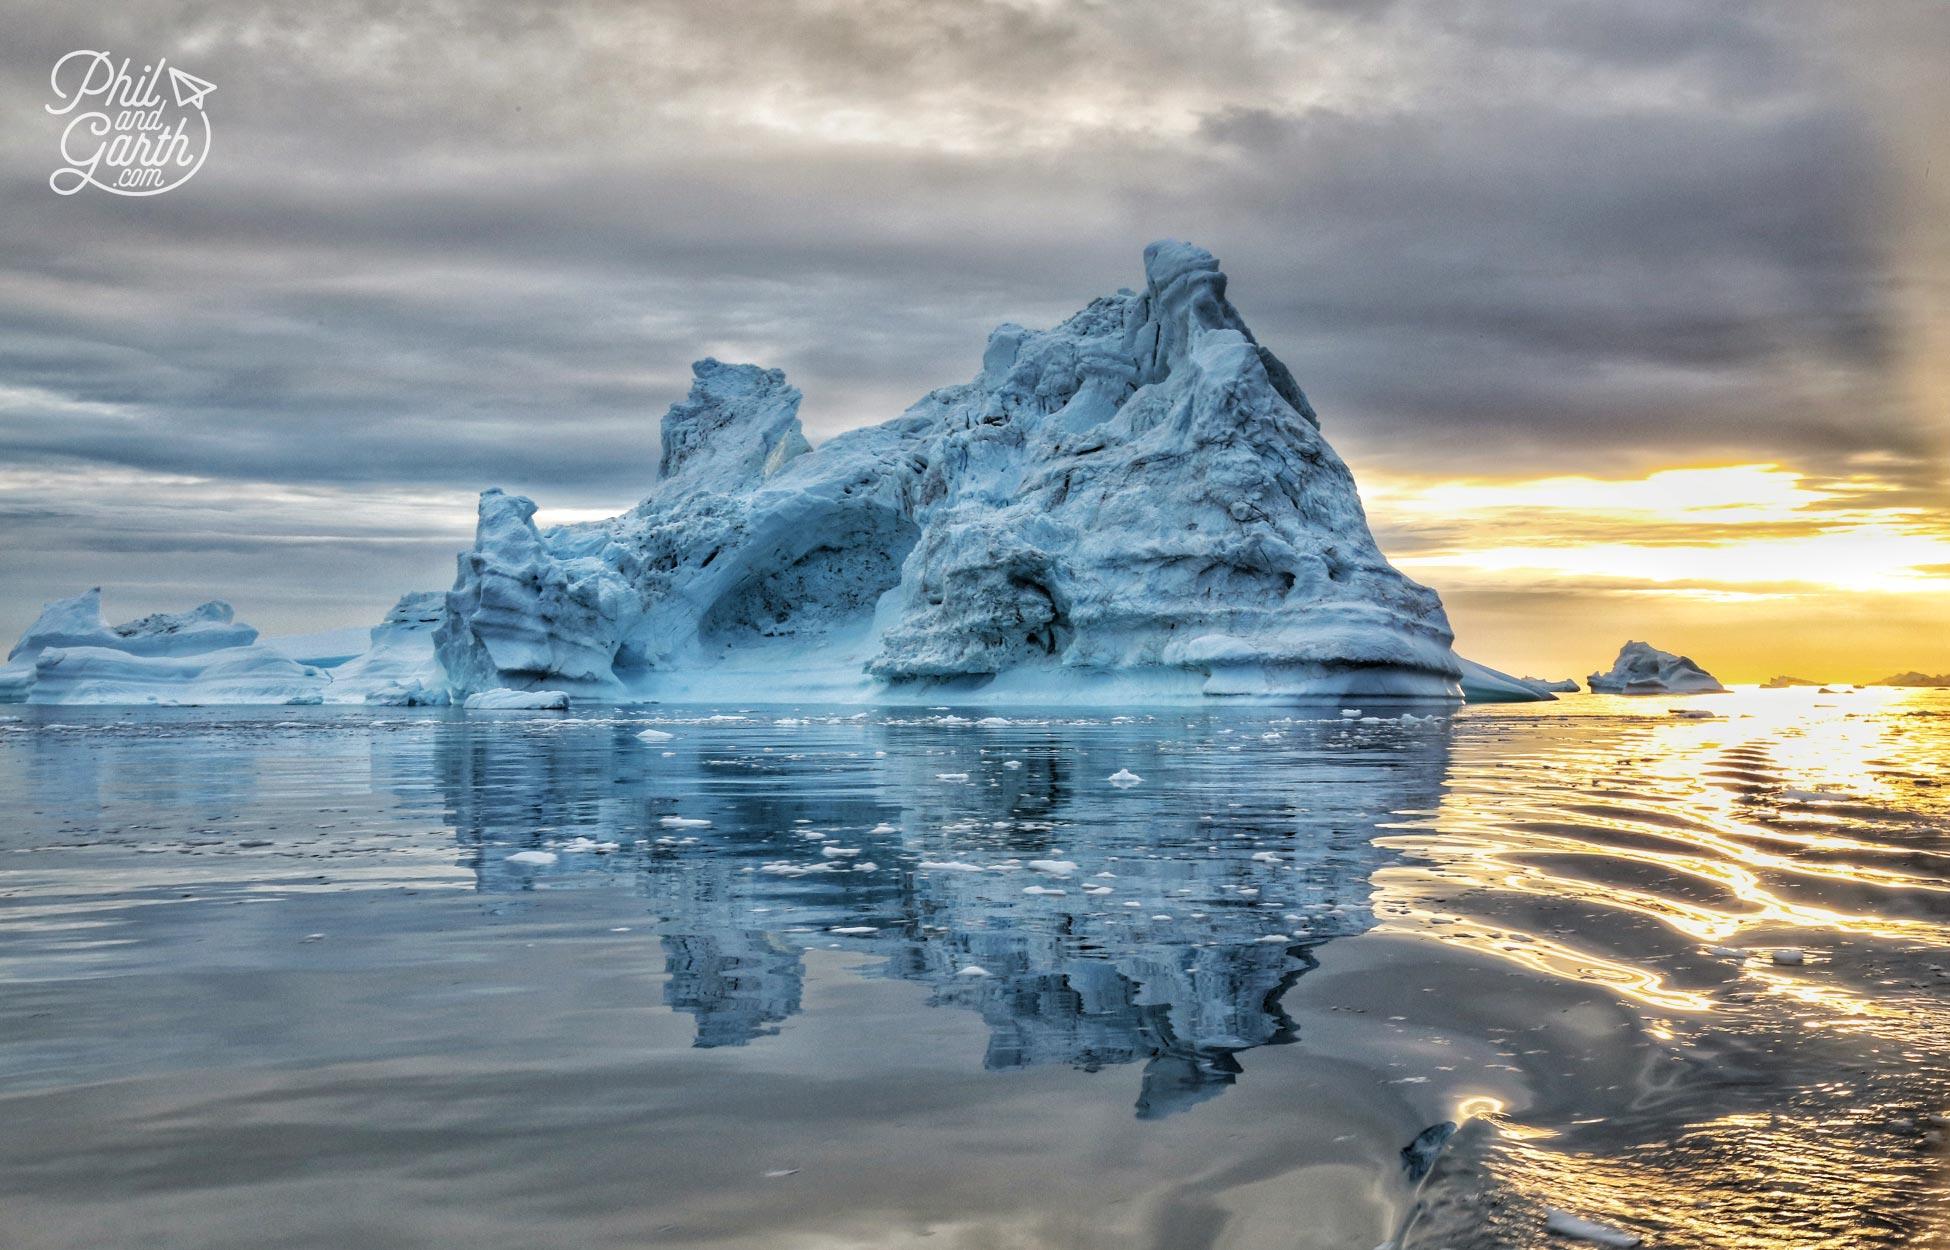 An iceberg in the midnight sun, Ilulissat, Greenland